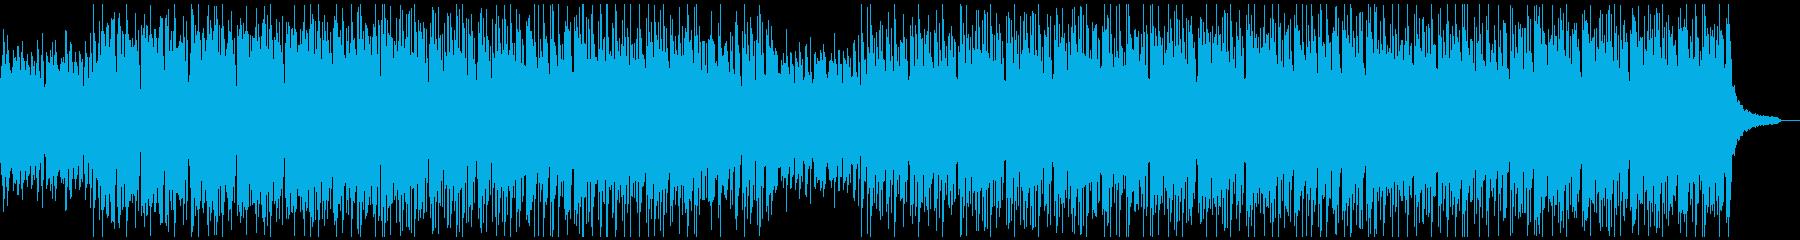 ハイテンポで怪しいジャズの再生済みの波形